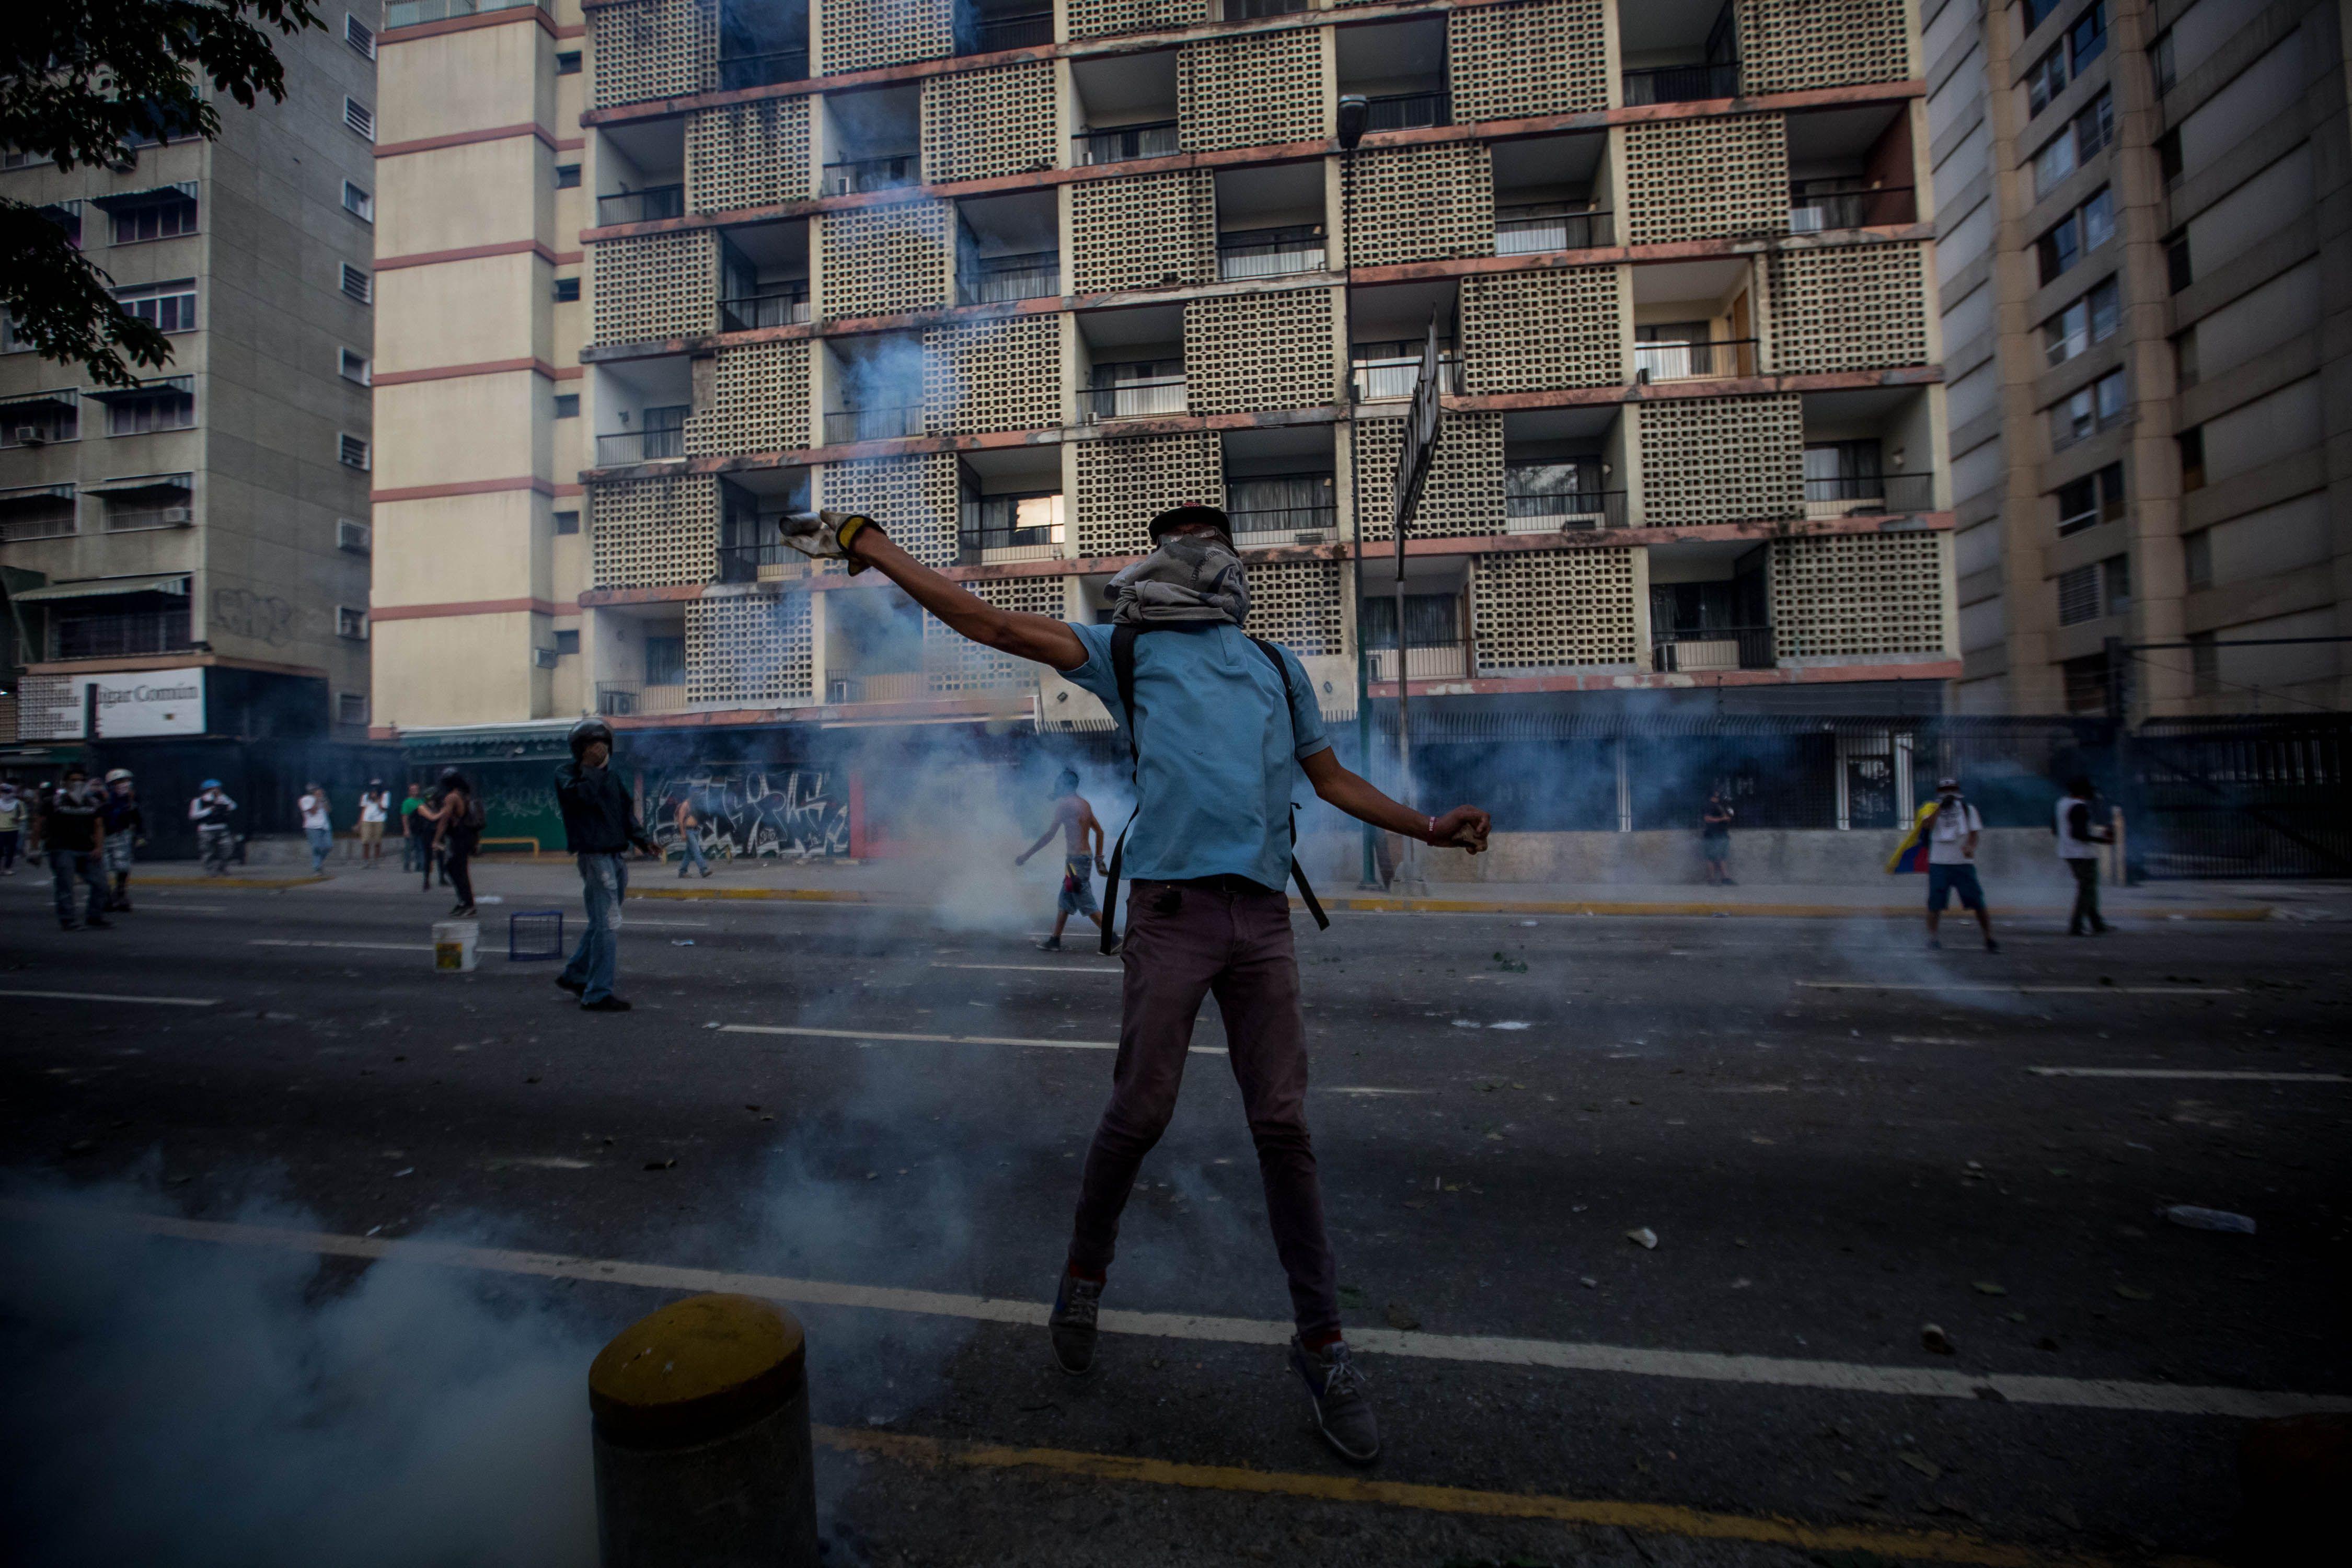 Las calles de Venezuela se bañaron de sangre durante las protestas